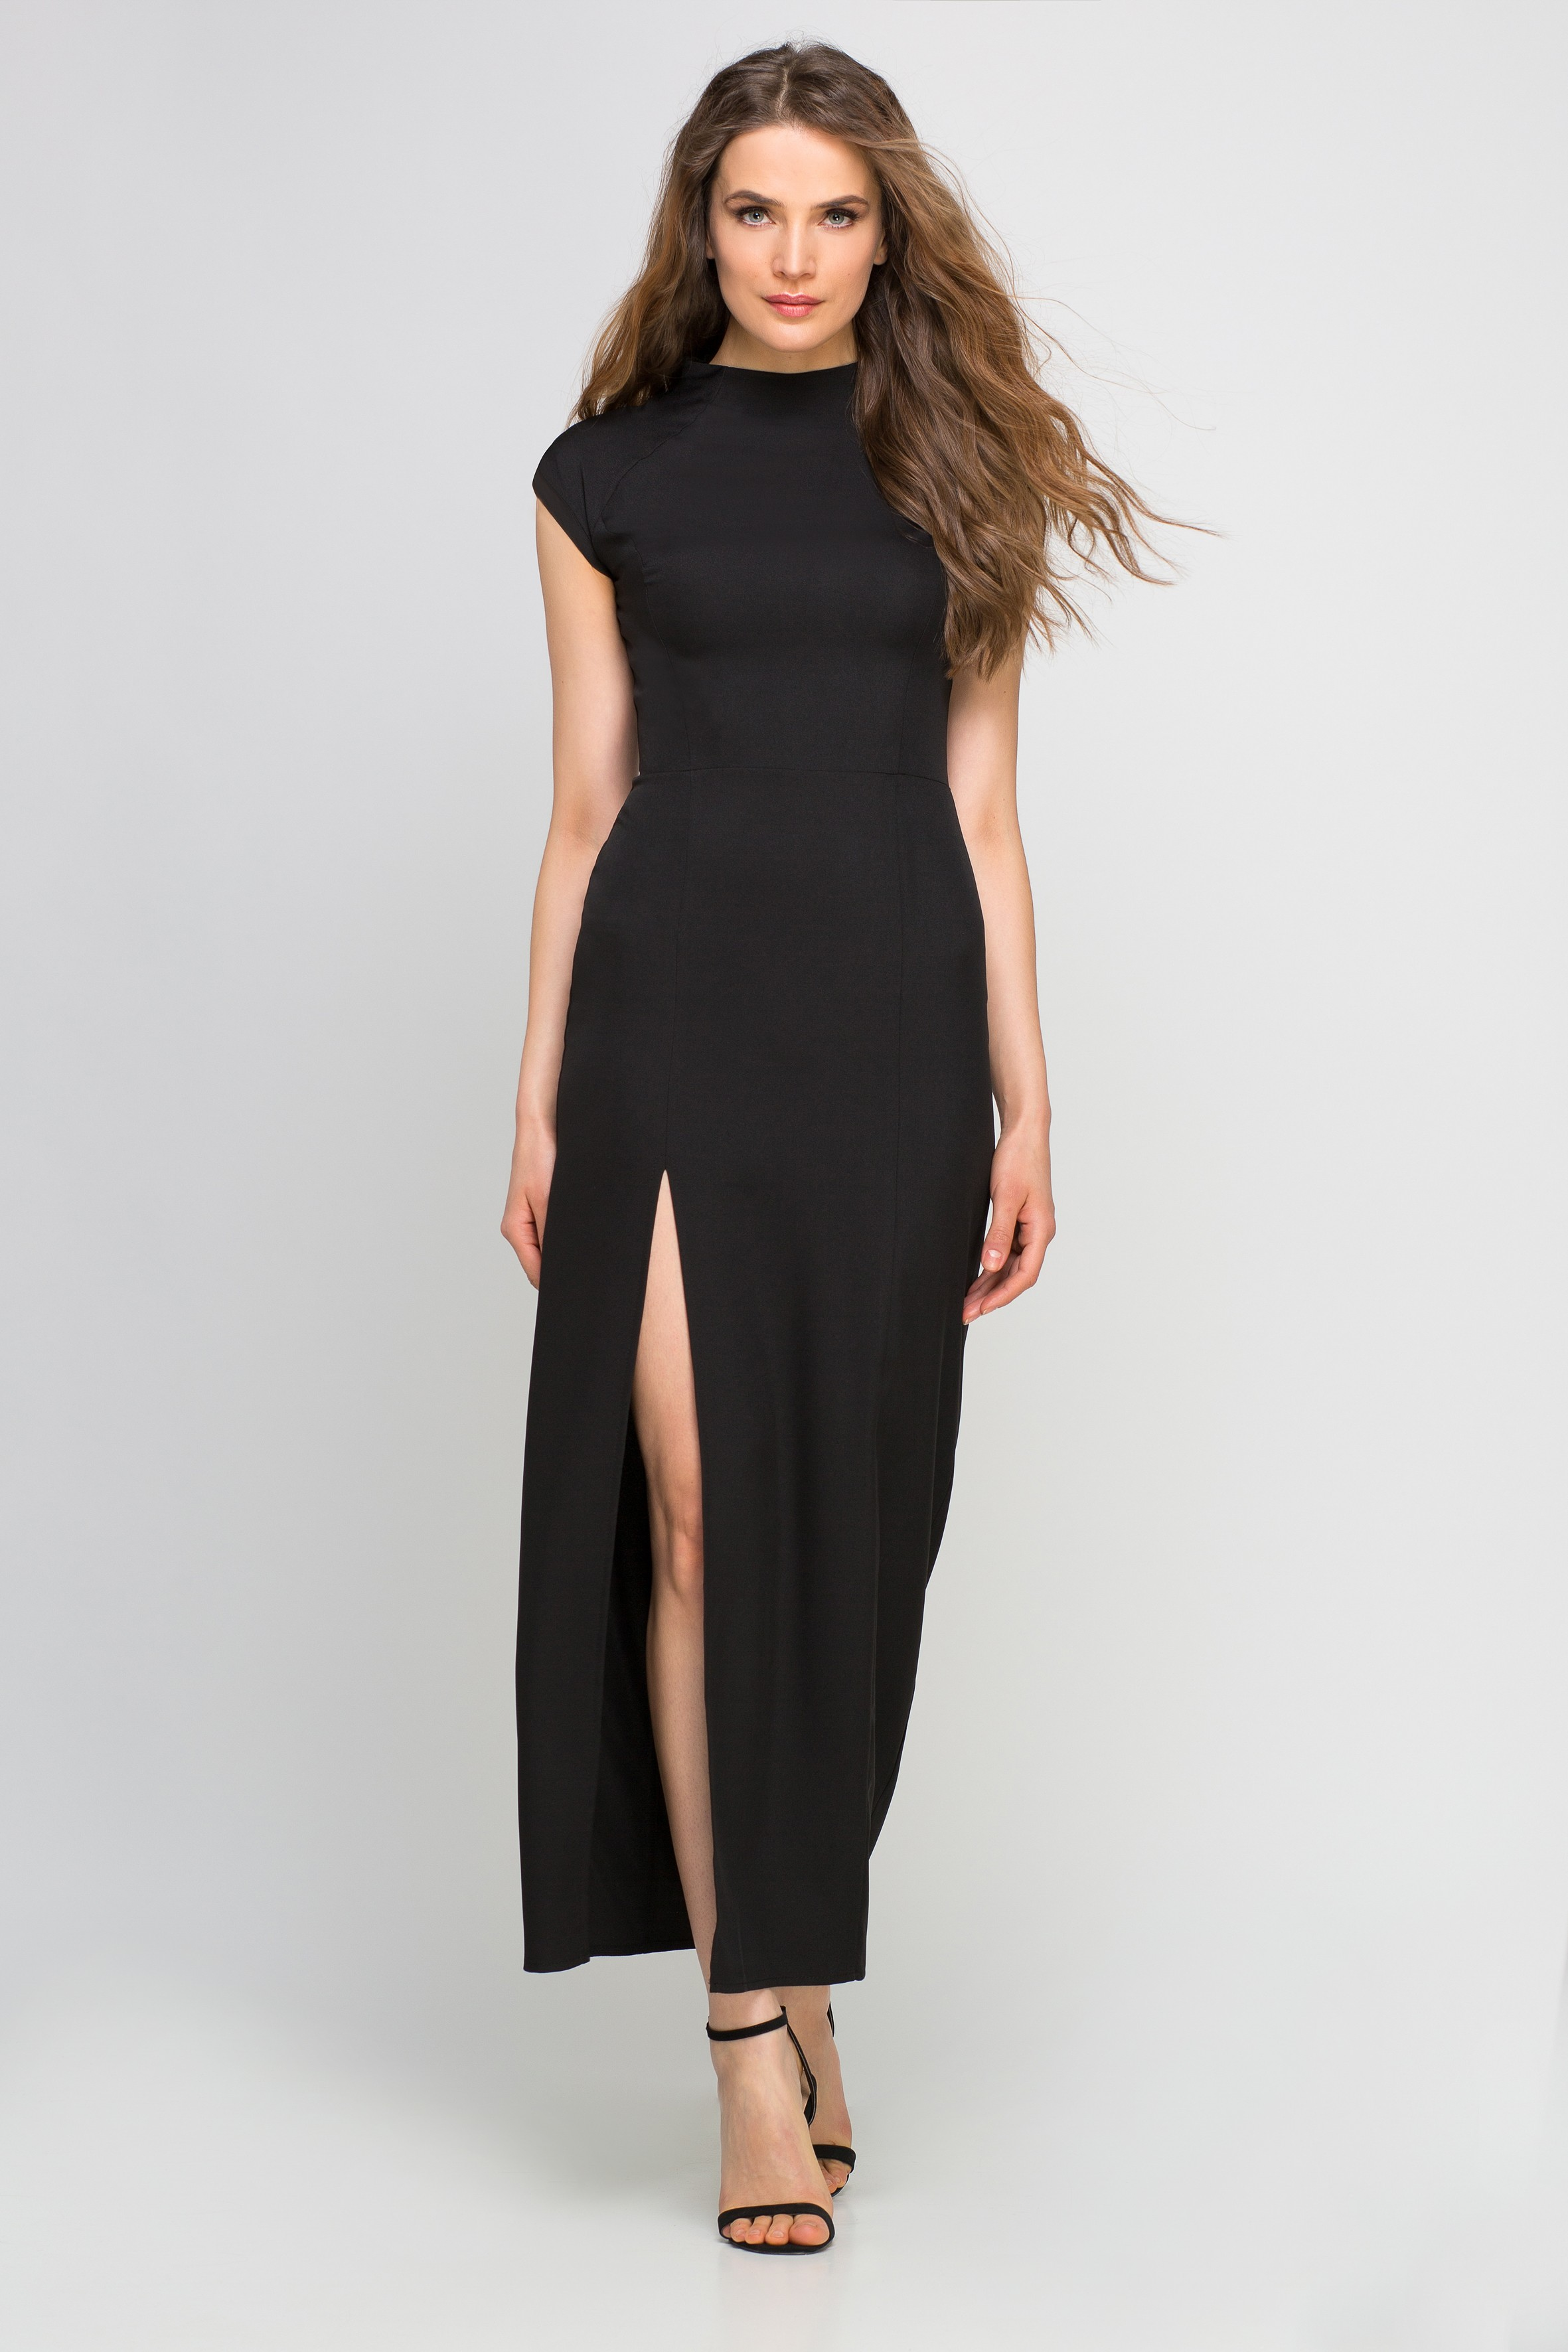 a4522b50f5 Letnia sukienka maxi na wesele czarna - wysyłka kurierem już od 5